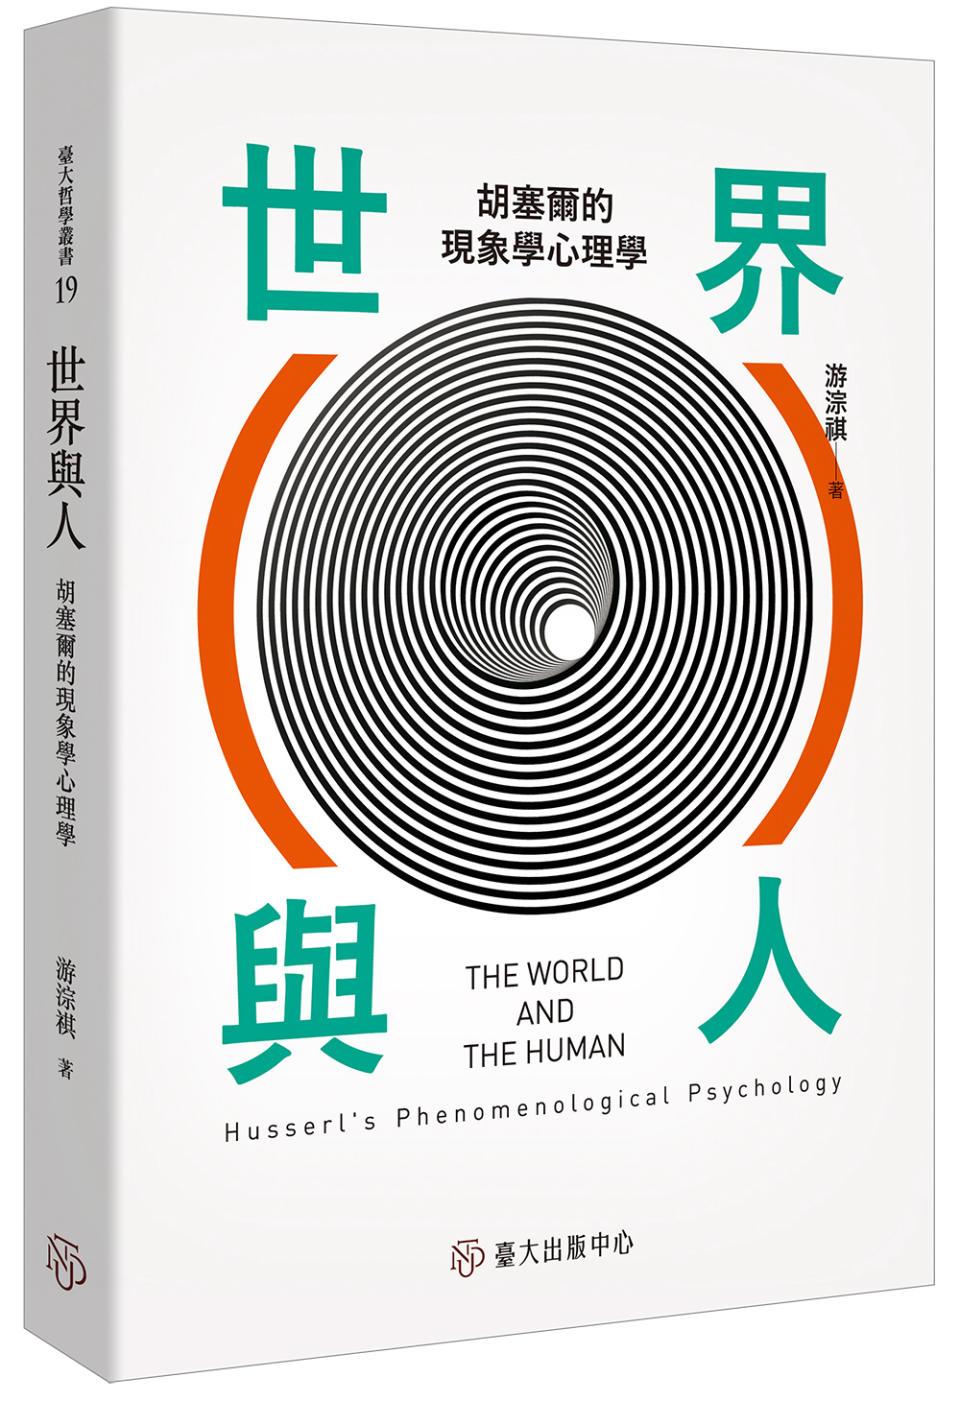 世界與人:胡塞爾的現象學心理學